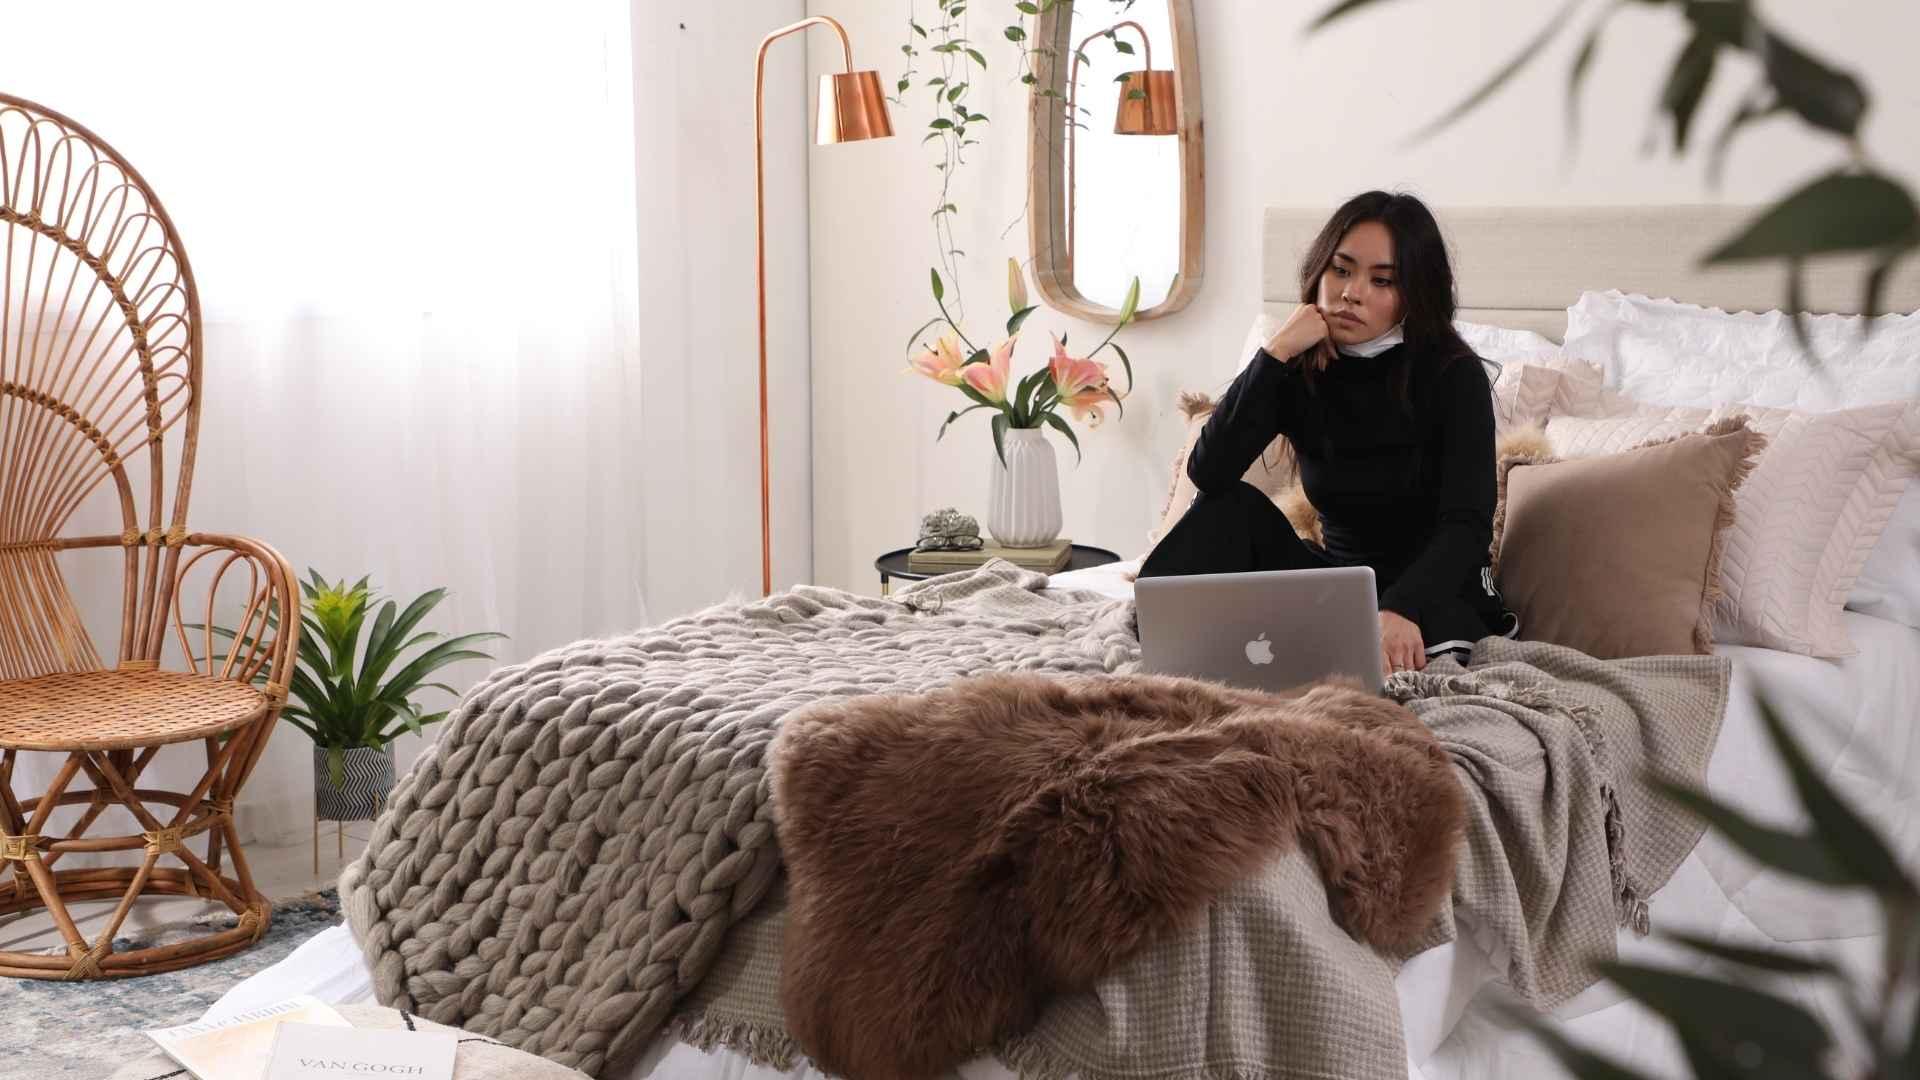 Cama com mulher sentada mexendo no computador. Sobre as camas vários cobertores e mantas. No fundo, um espelho, uma vaso com plantas em uma mesinha de cabeceira e um abajur.